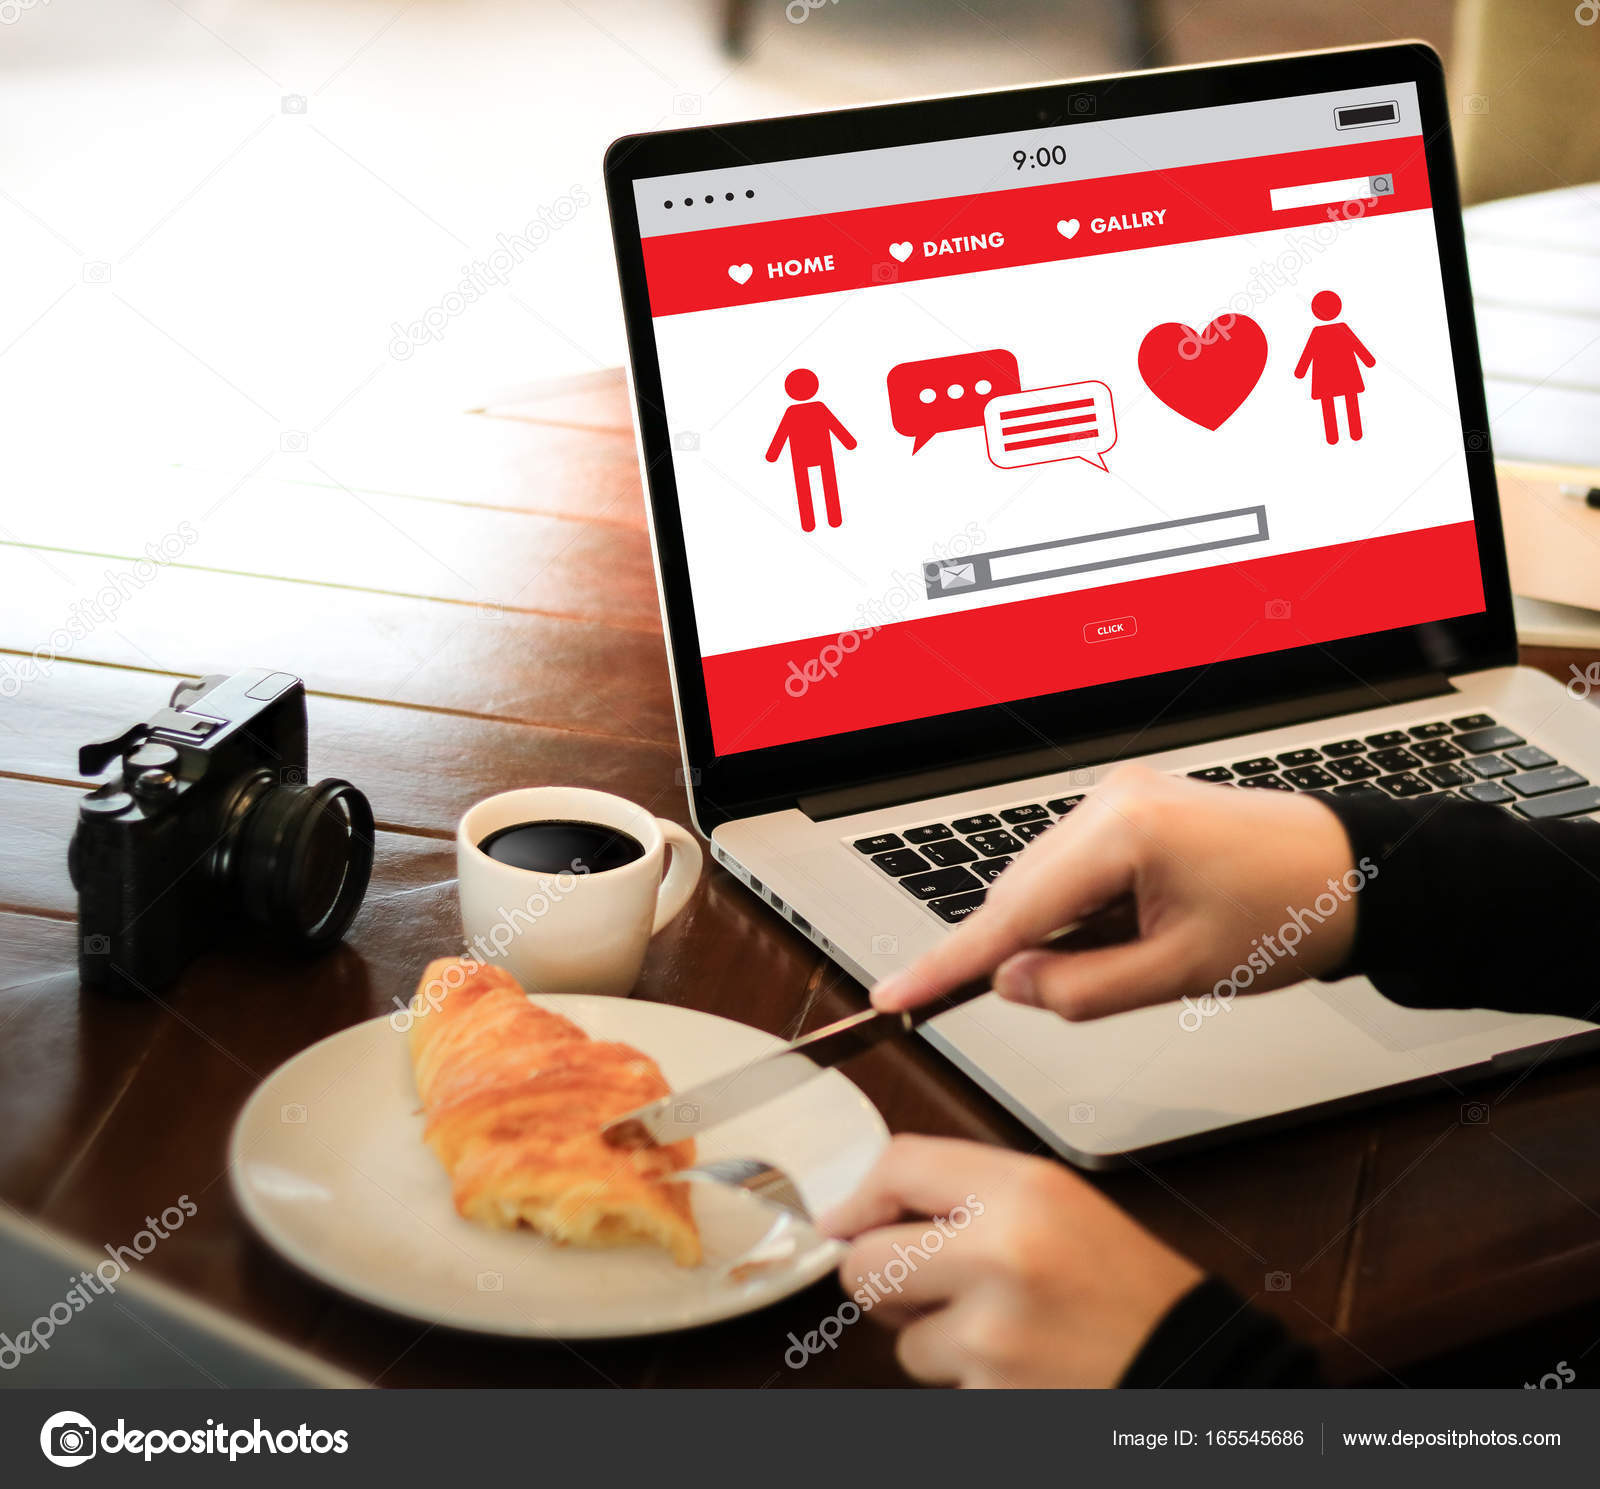 Corazon online dating dating site geen snaren verbonden